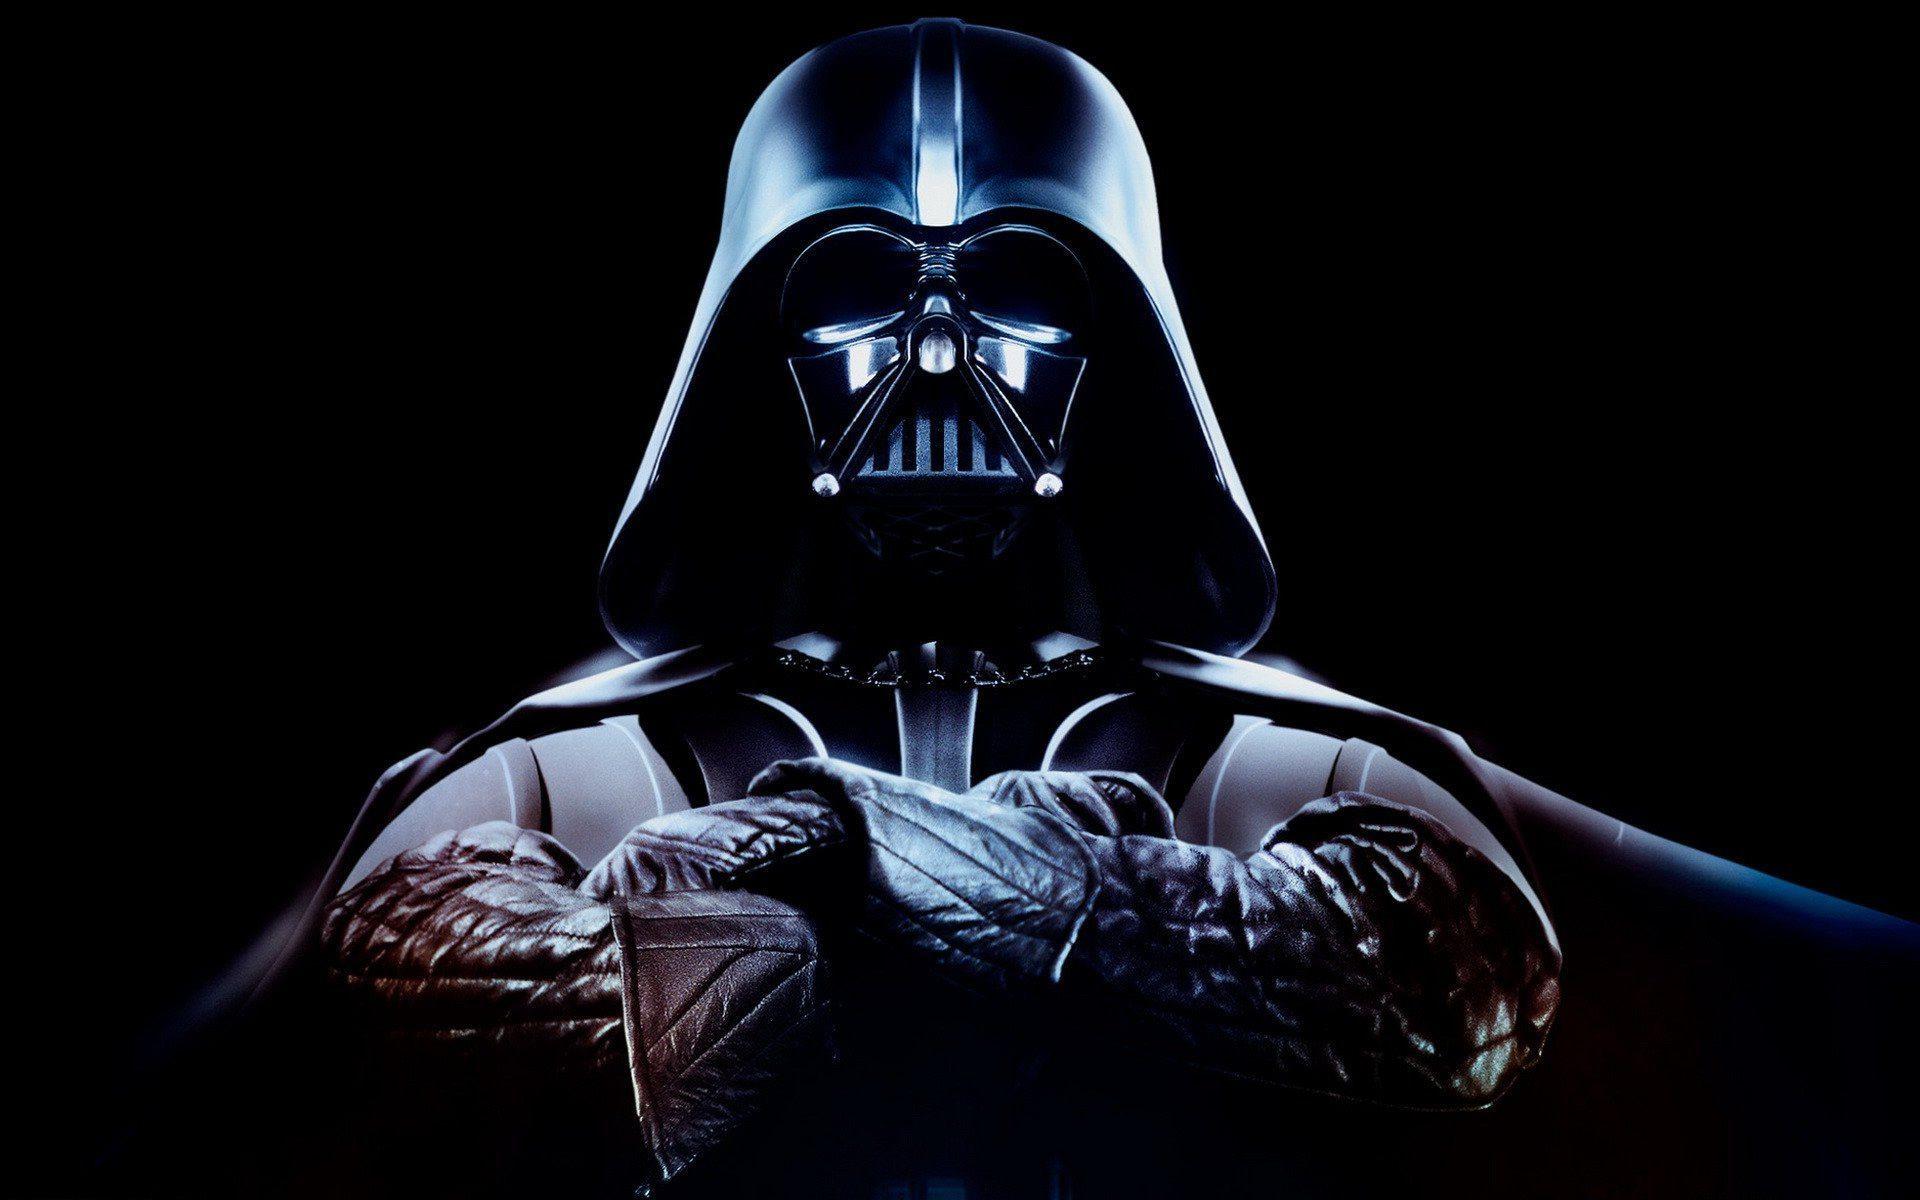 Darth Vader Wallpaper 1920x1200